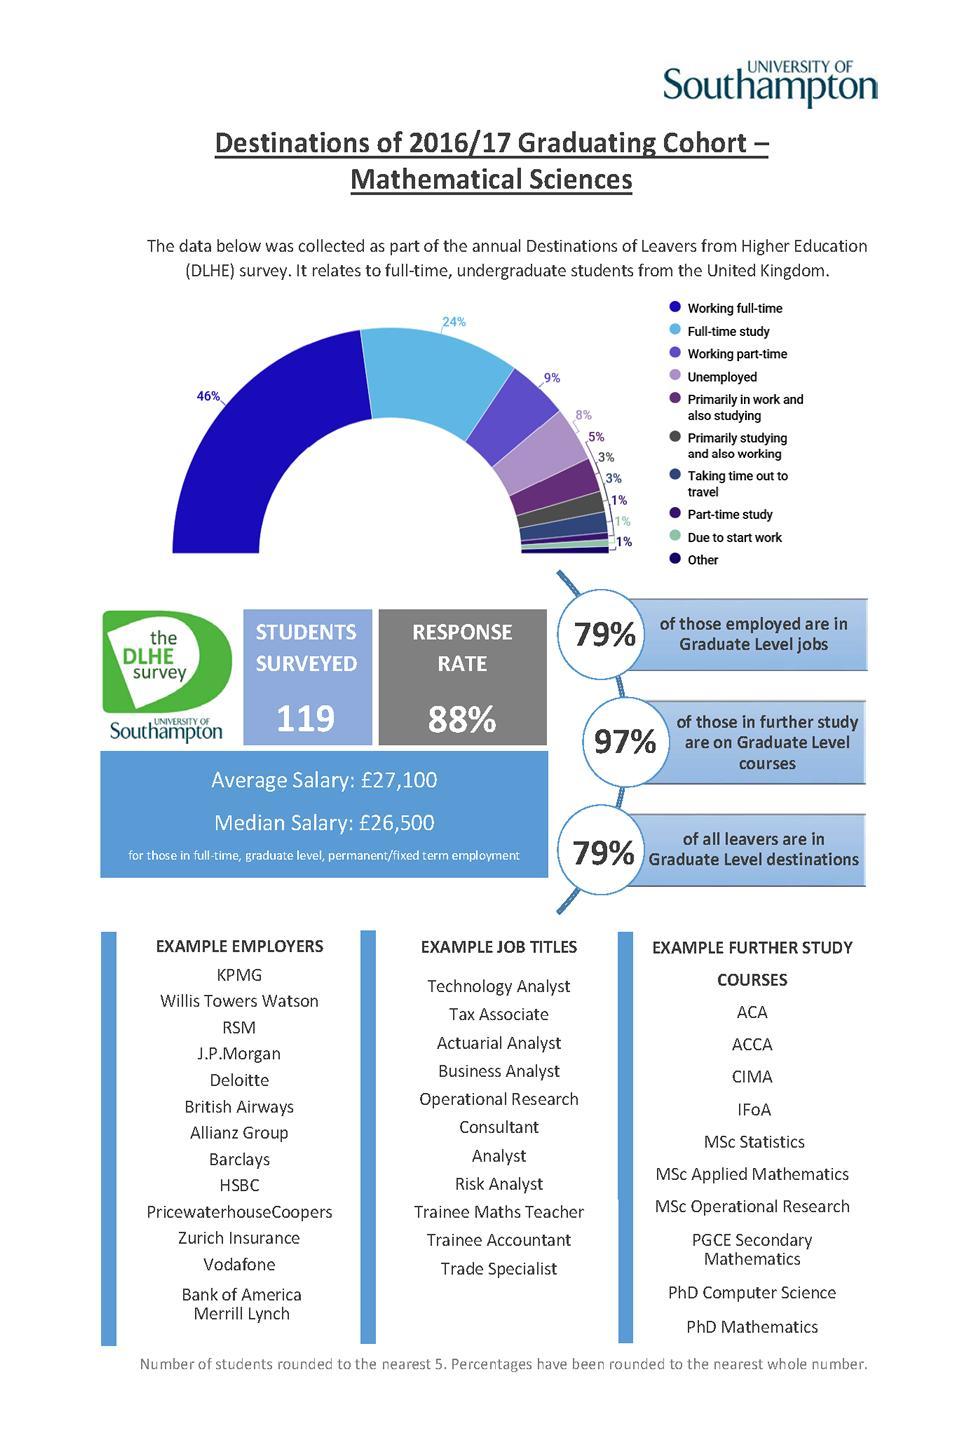 Mathematical Sciences DLHE Survey 2016-17